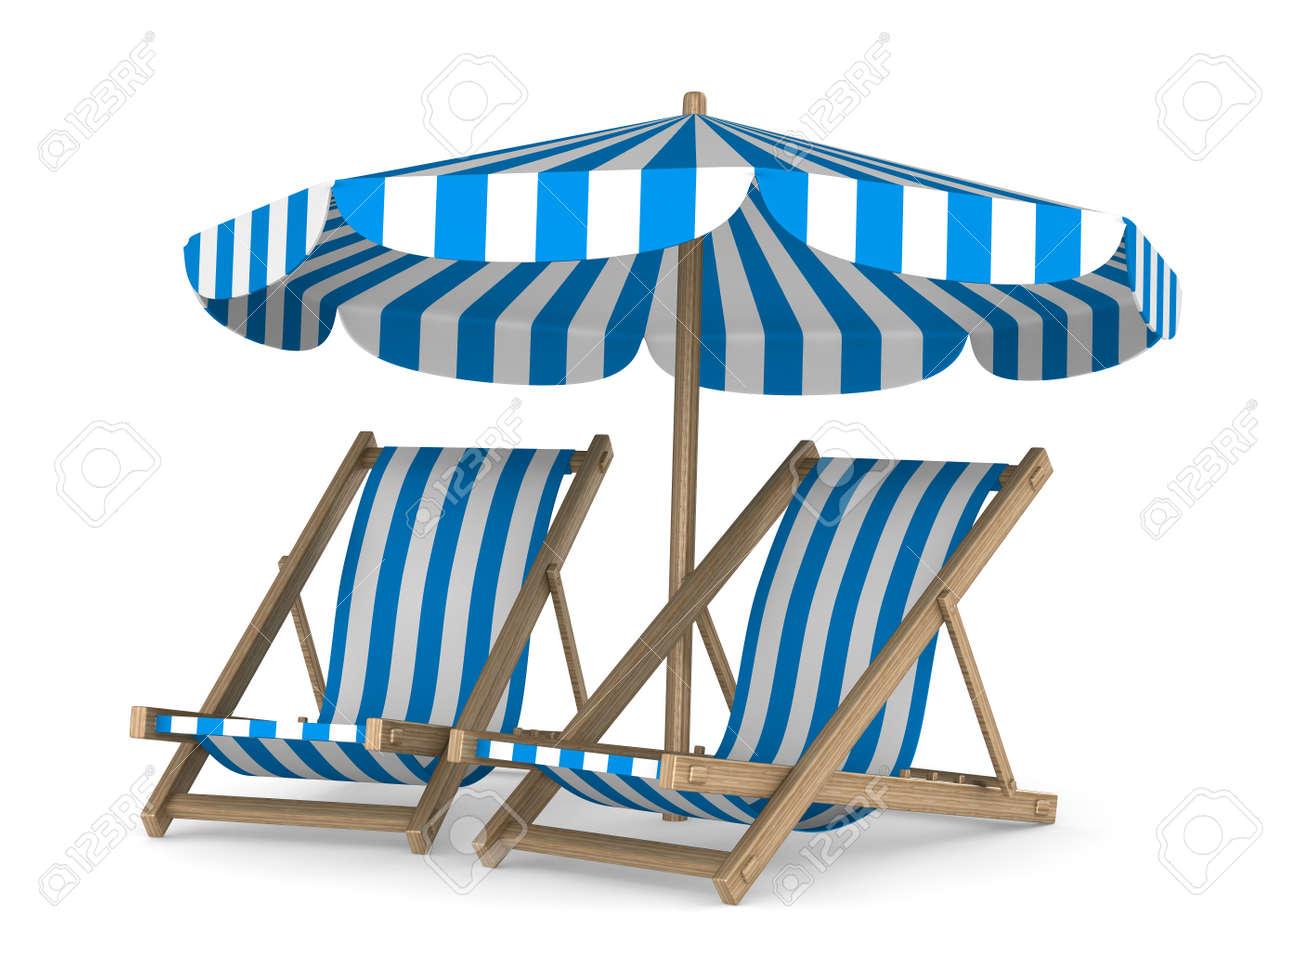 Strandstoel Met Parasol.Twee Strandstoel En Parasol Op Een Witte Achtergrond Geisoleerde 3d Beeld